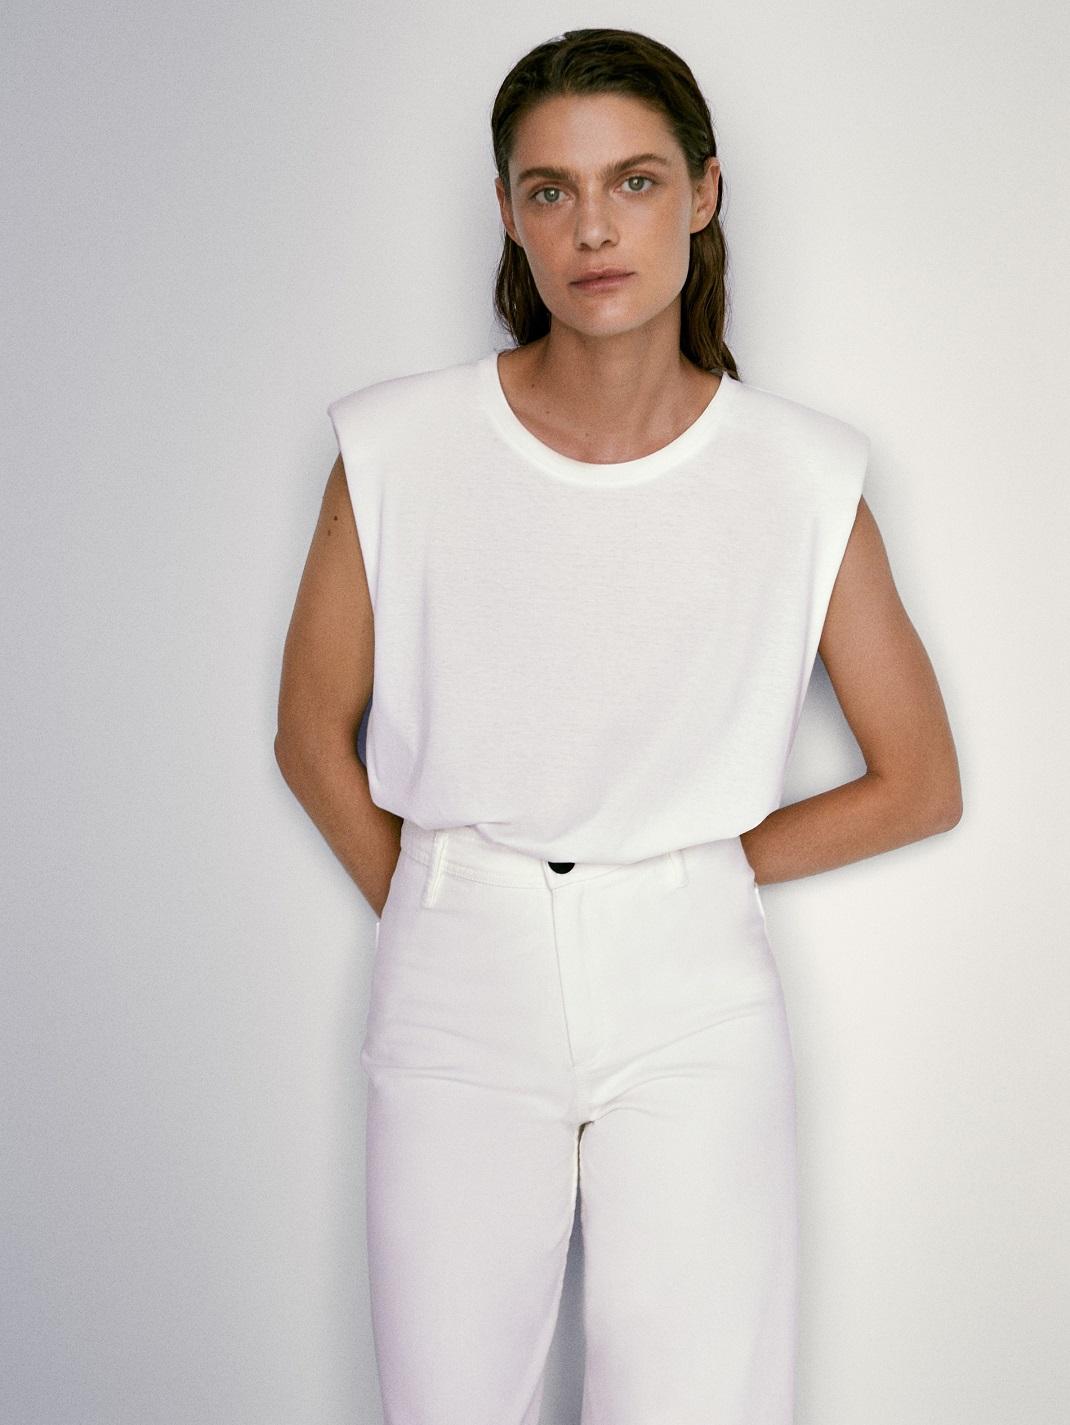 μοντέλο με ρούχα Massimo Dutti